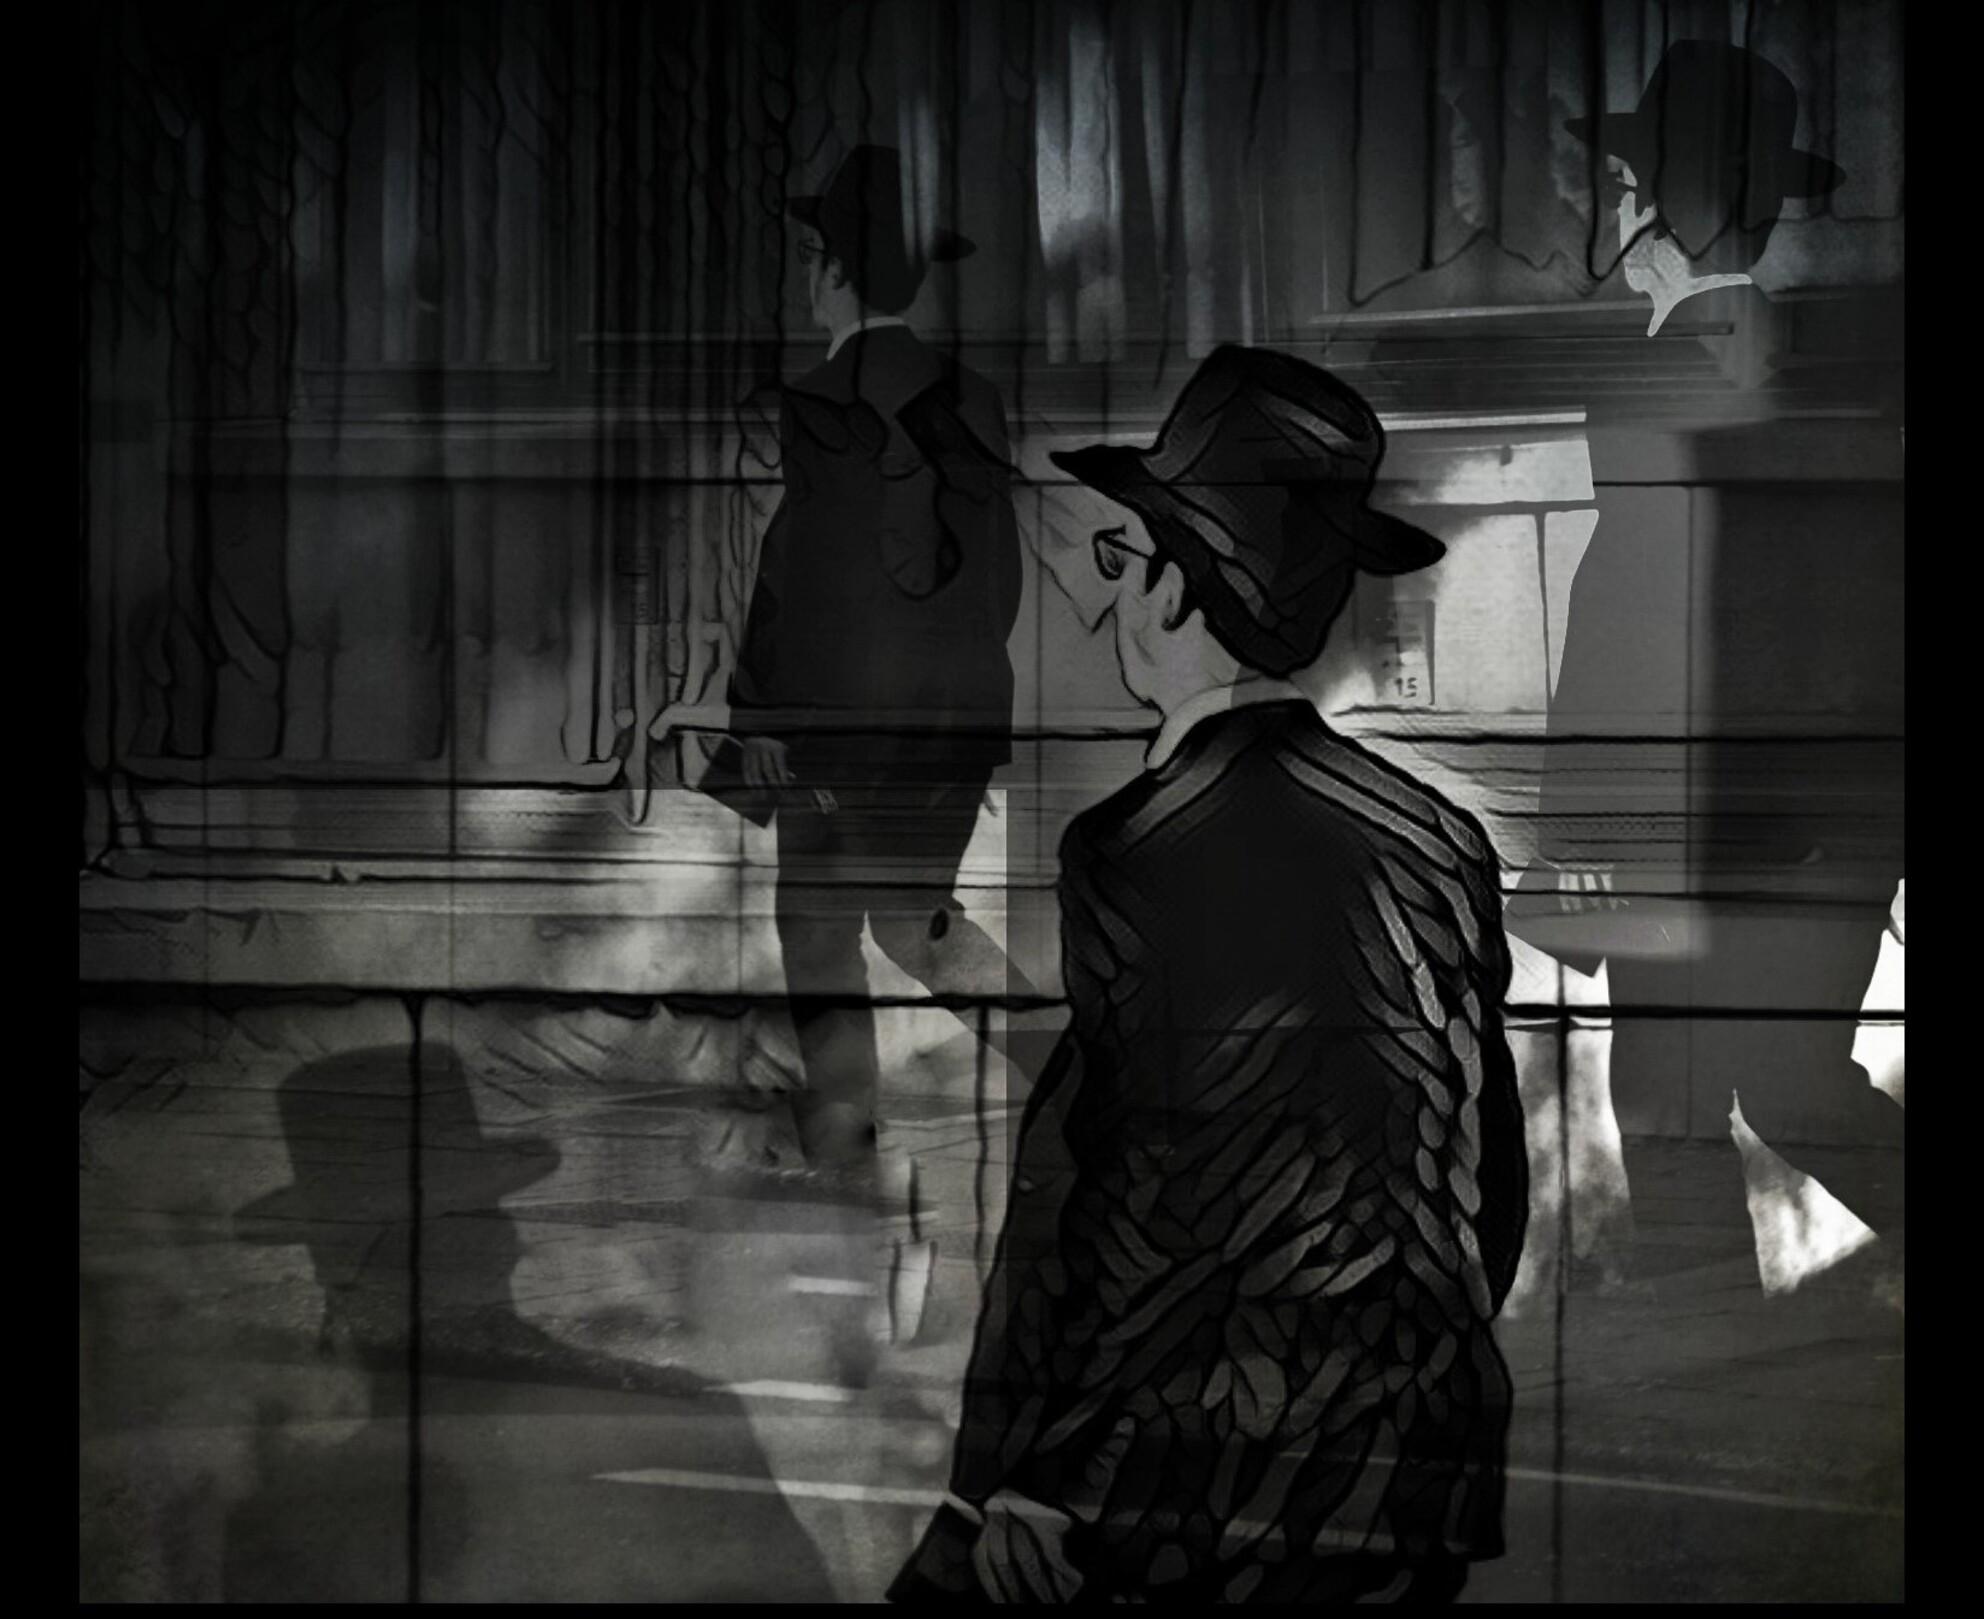 Altijd Haast . .  - Waarheen - foto door 1103 op 07-04-2021 - deze foto bevat: heeft, flitsfotografie, zwart en wit, stijl, fedora, zonnehoed, tinten en schakeringen, monochroom, duisternis, middernacht